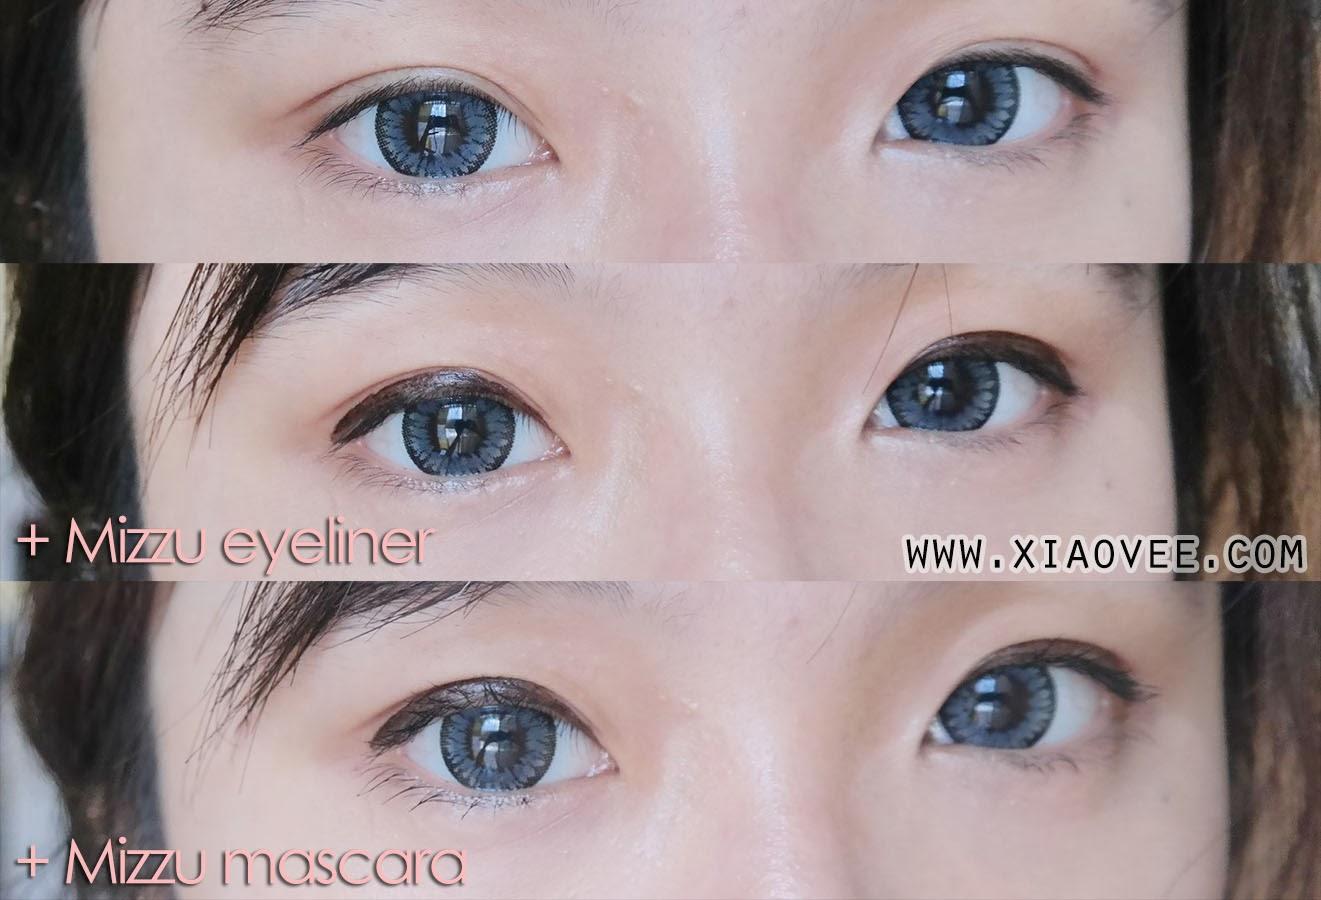 Xiao Vee Indonesian Beauty Blogger Mizzu Brown Eyeliner